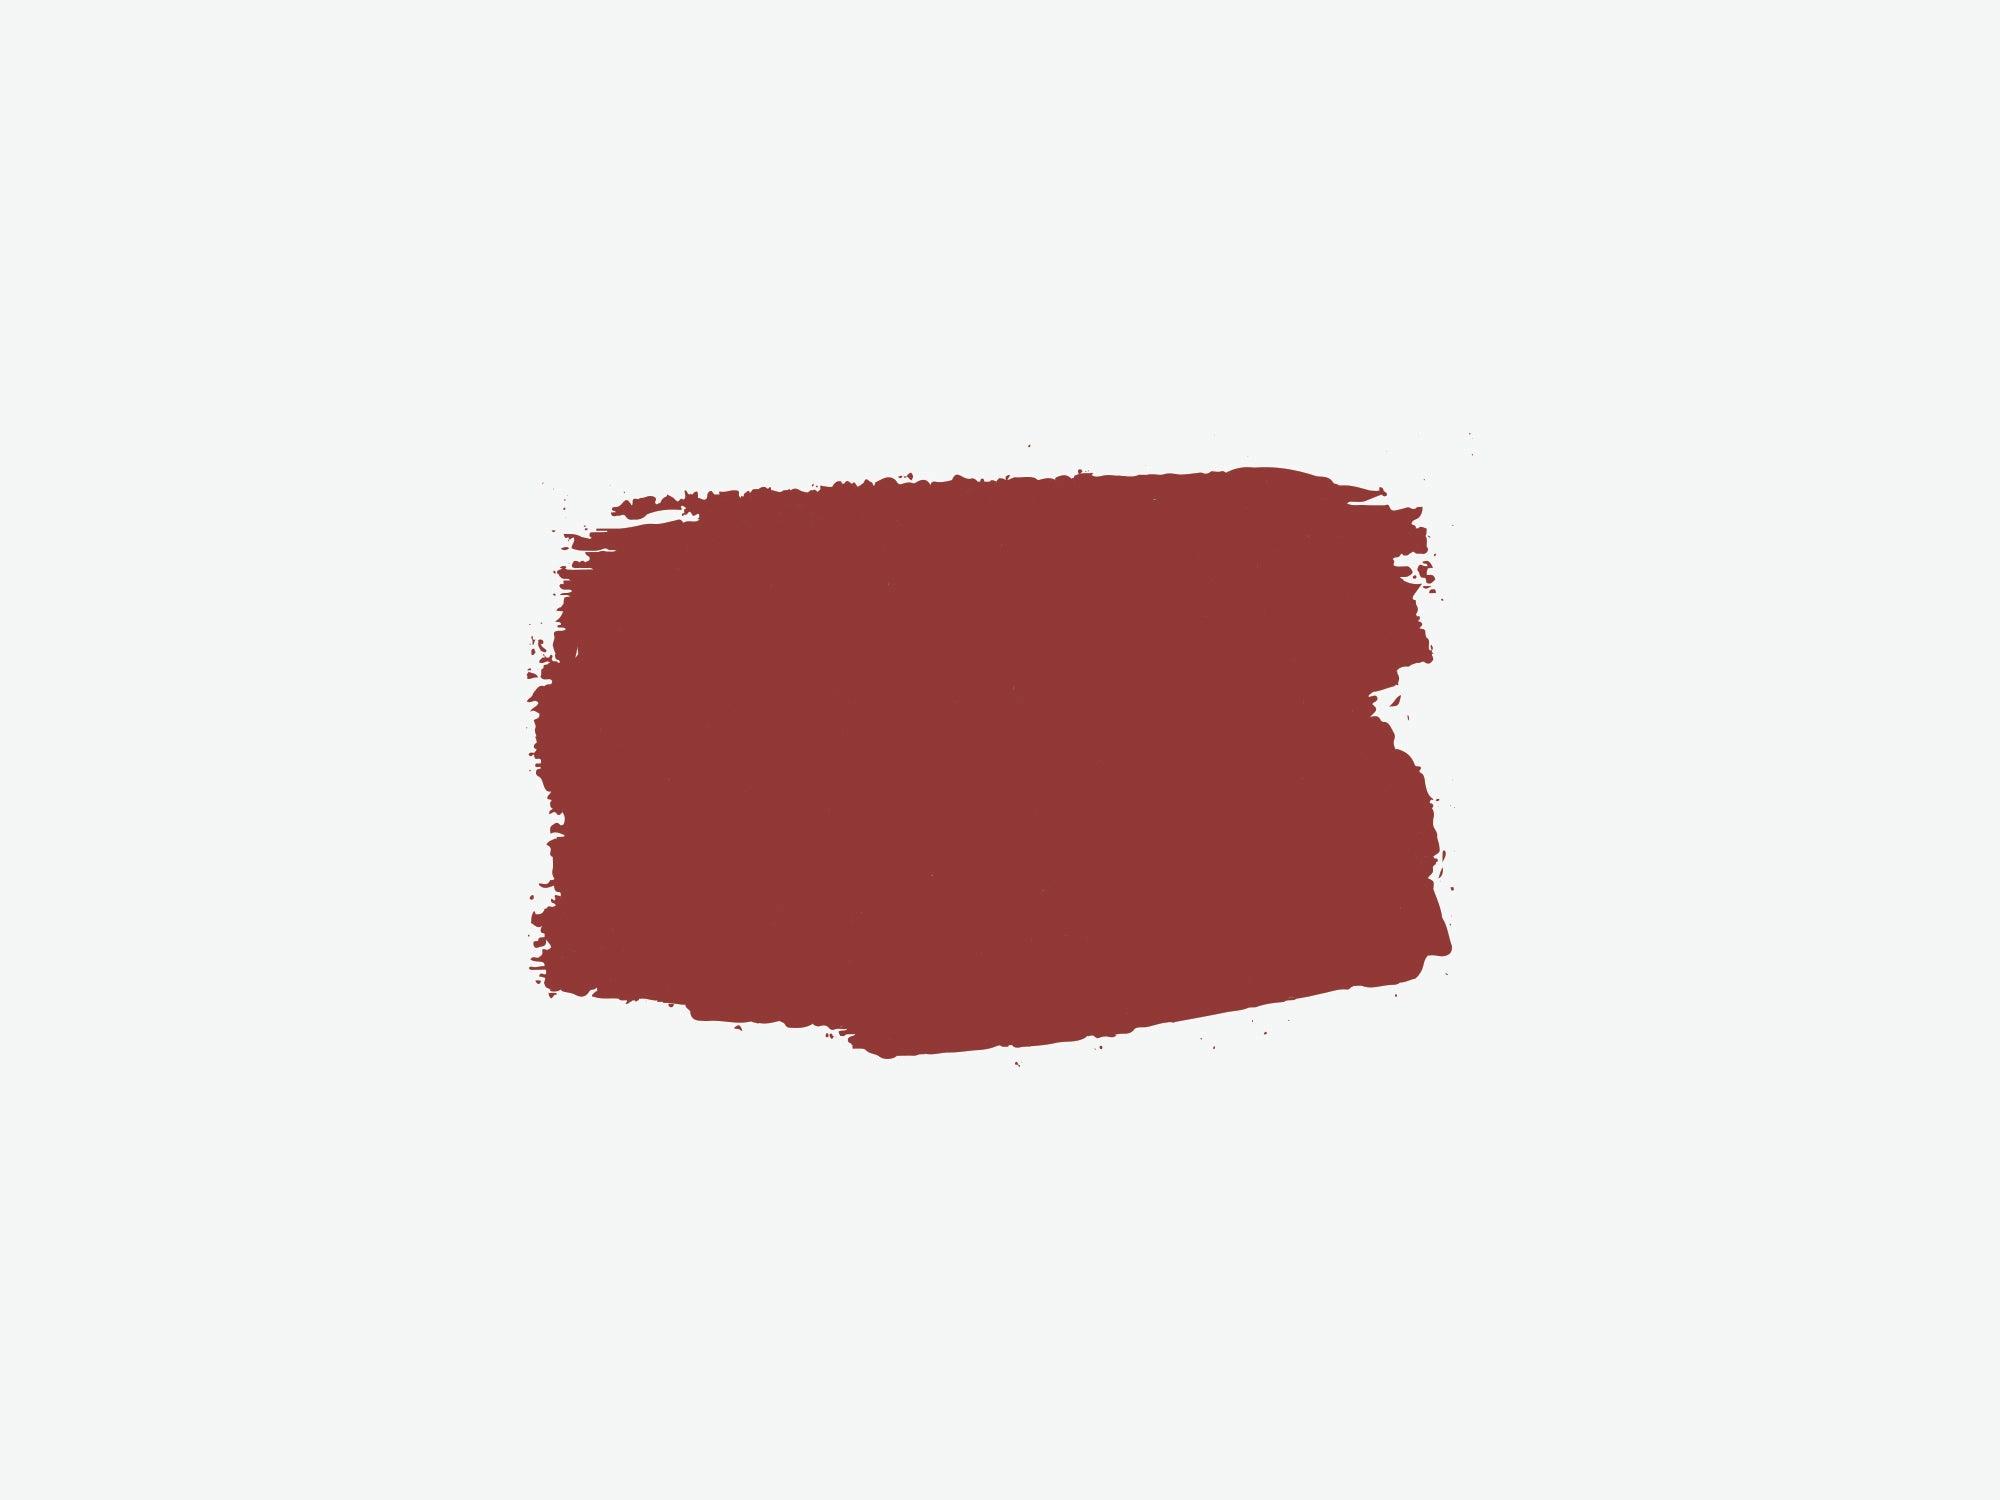 paintswatch_dark red